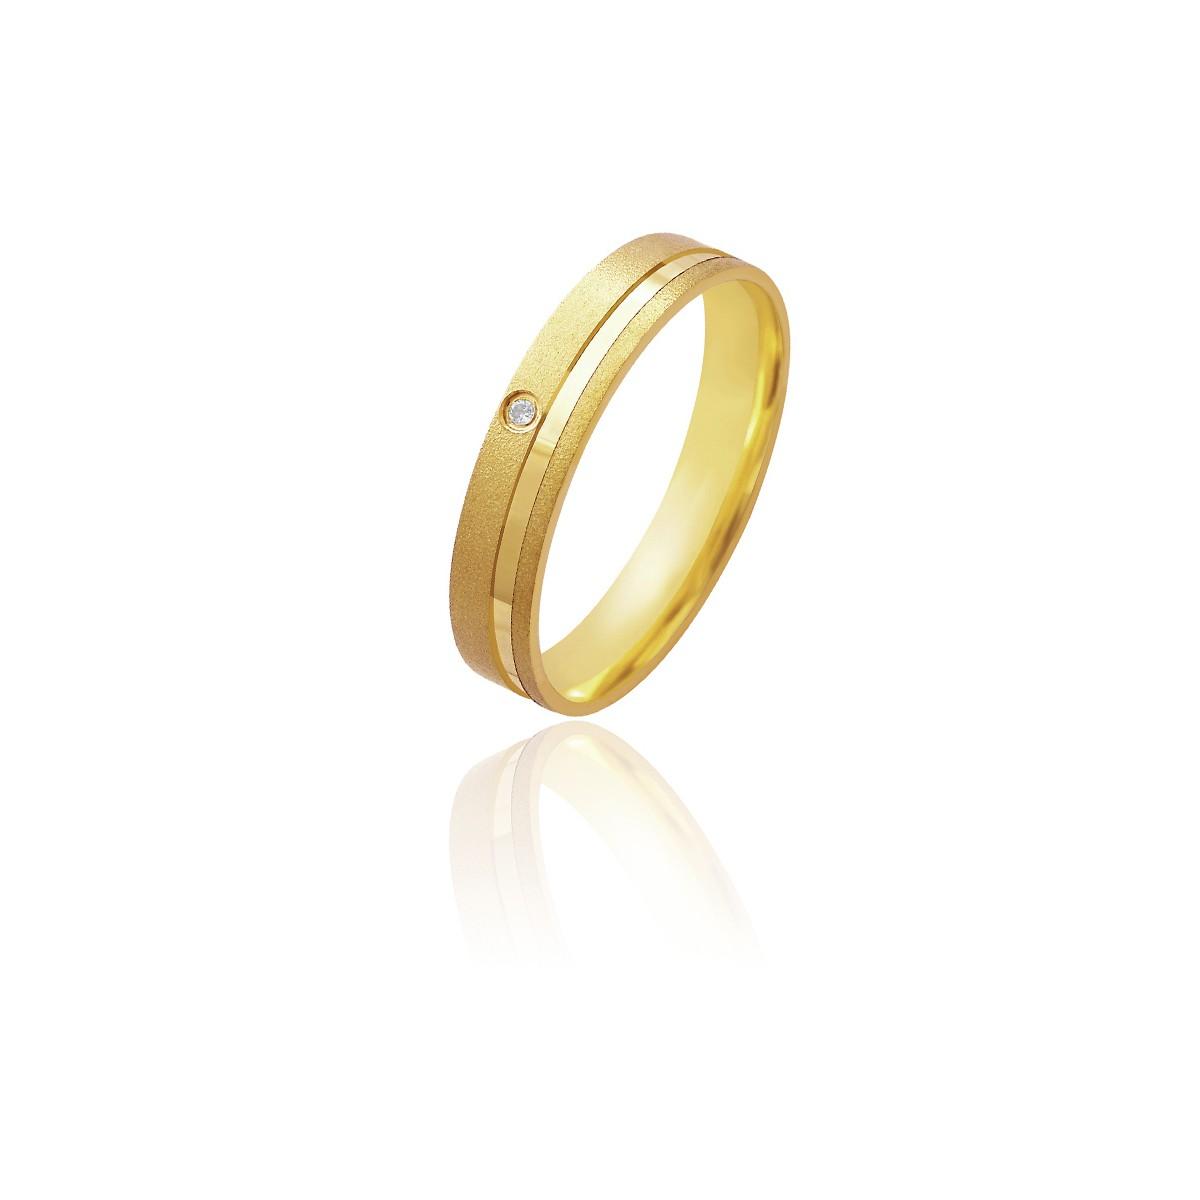 Par de Alianças de Casamento Afrodite Ouro 18k Diamantado Retas com Friso e Brilhante Lateral 5mm 5g